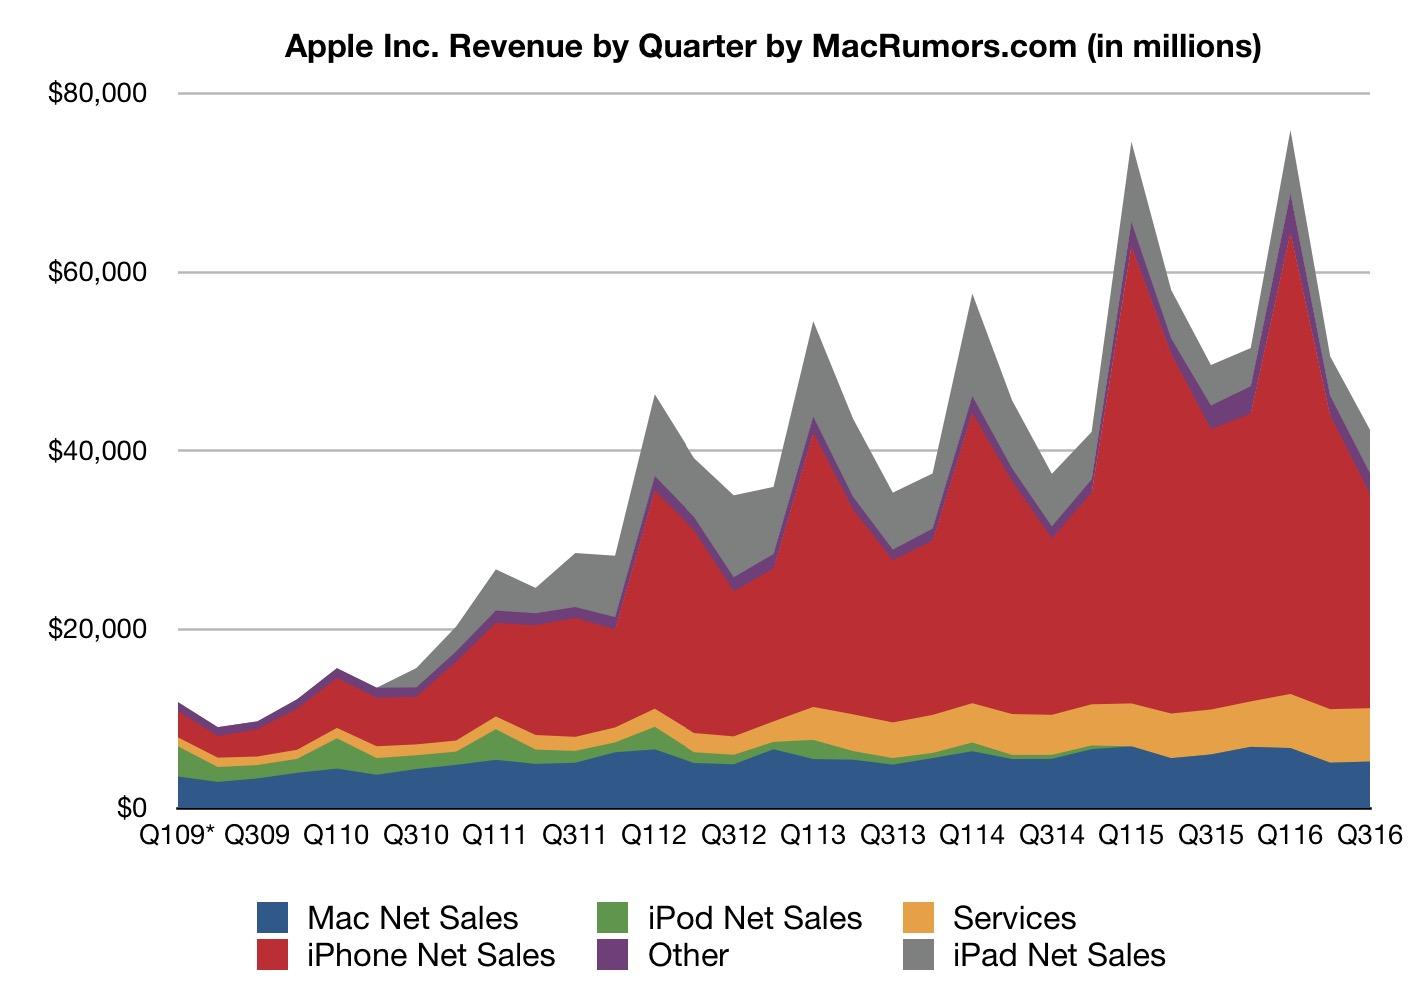 Gráfica de ingresos de Apple™ en el Q3 de 2016